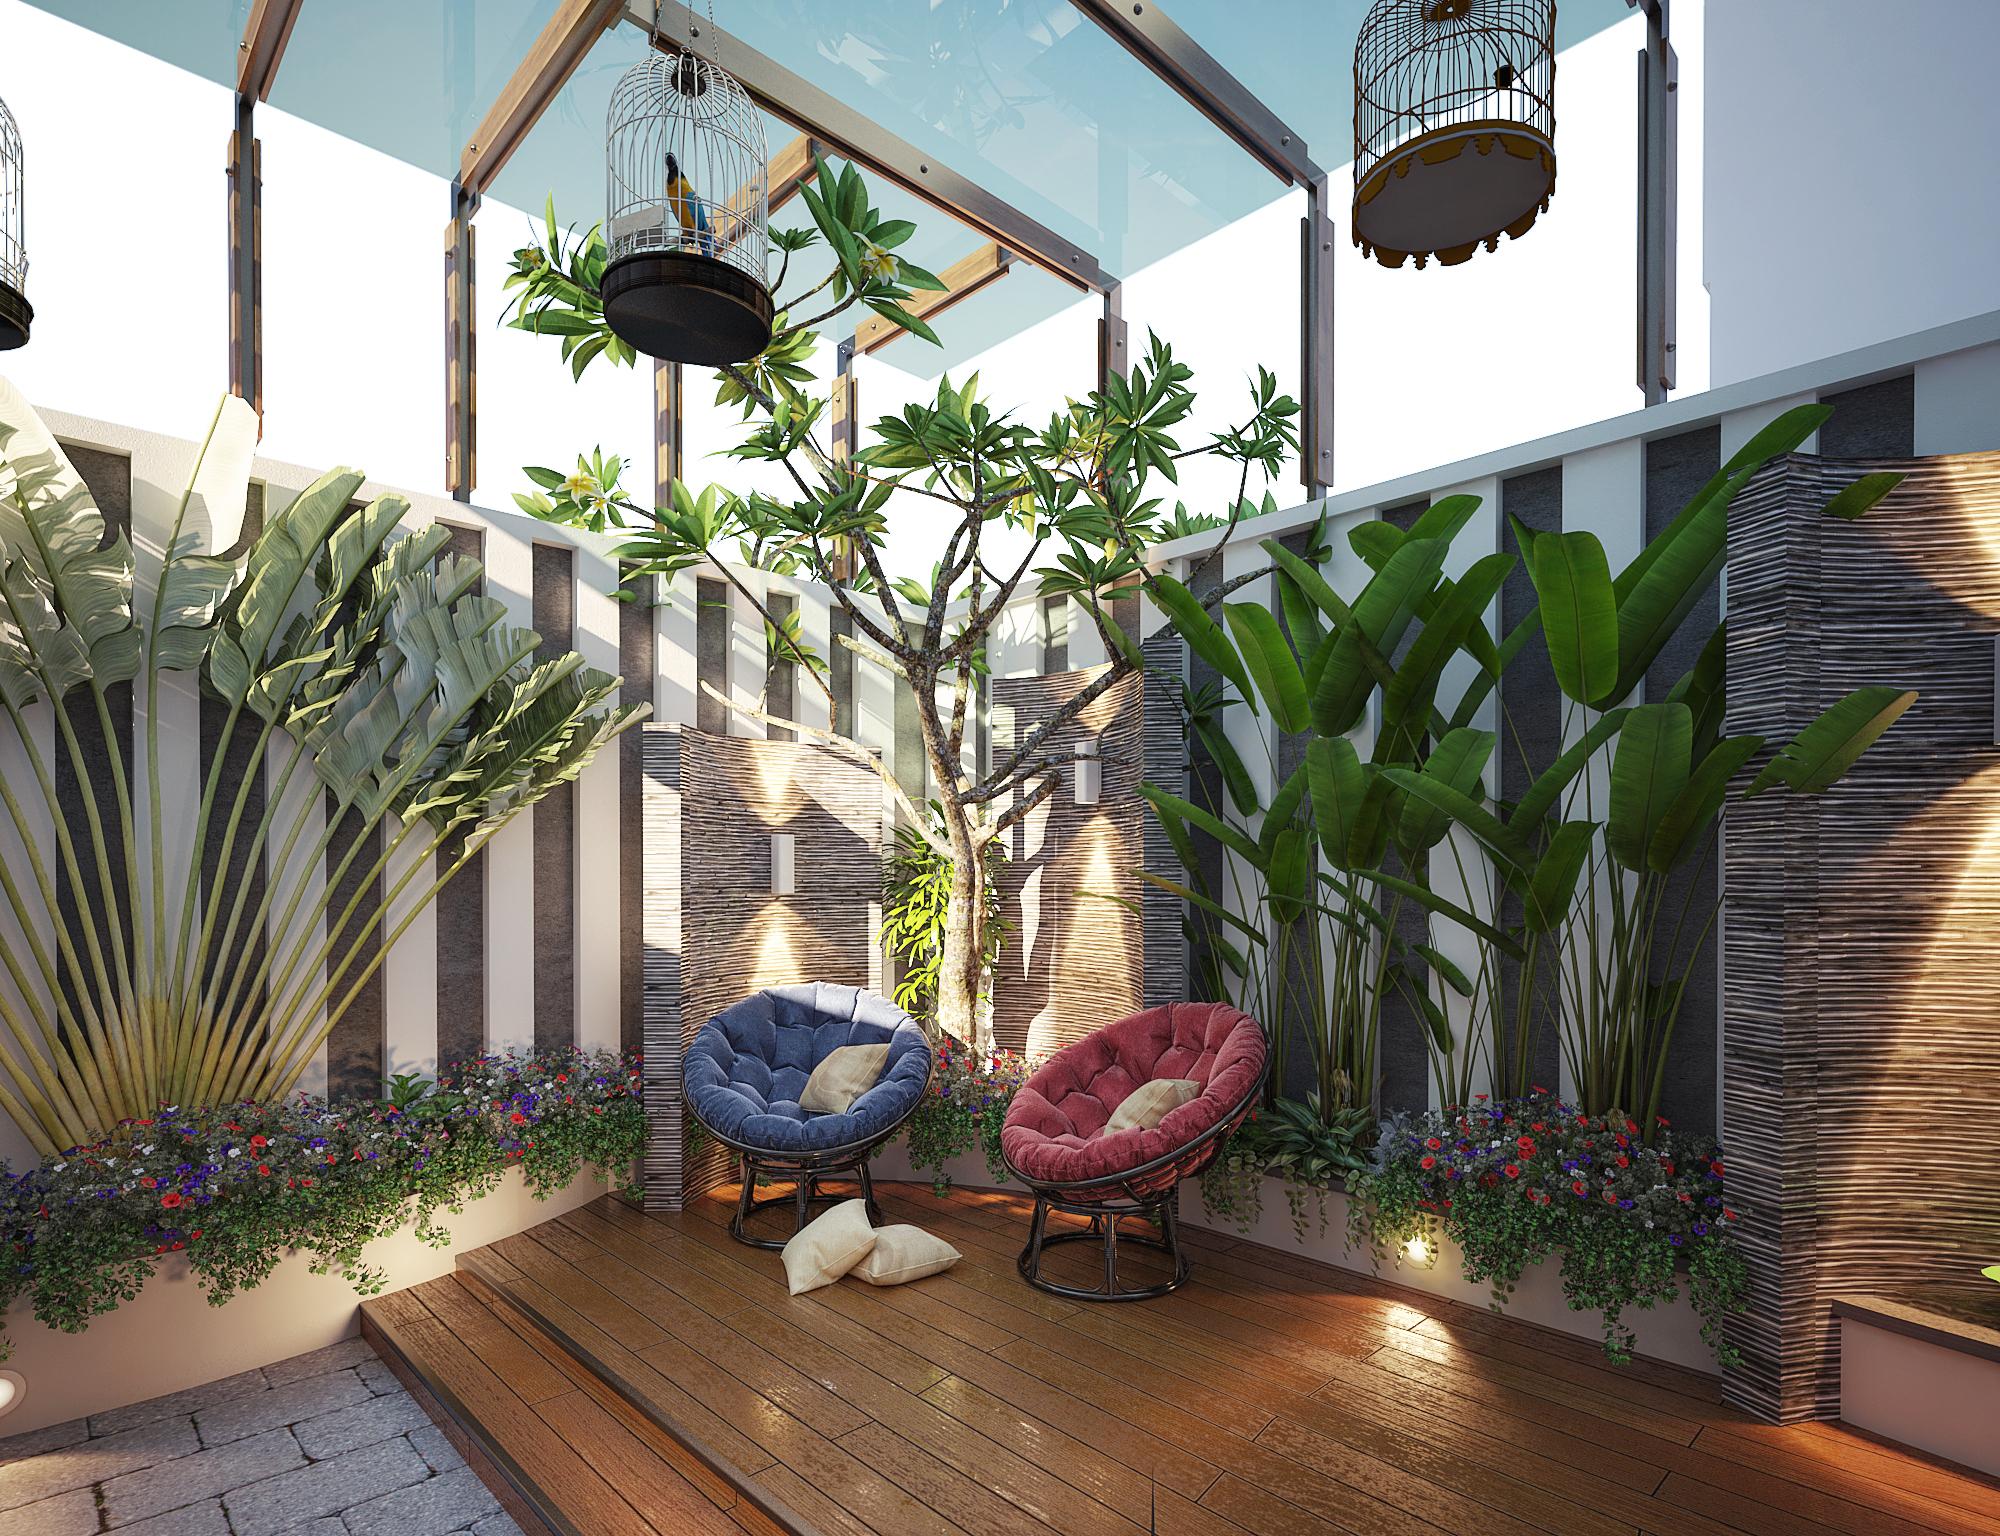 Thiết kế nội thất Biệt Thự tại Sơn La INTERIORO _02 1575334961 8